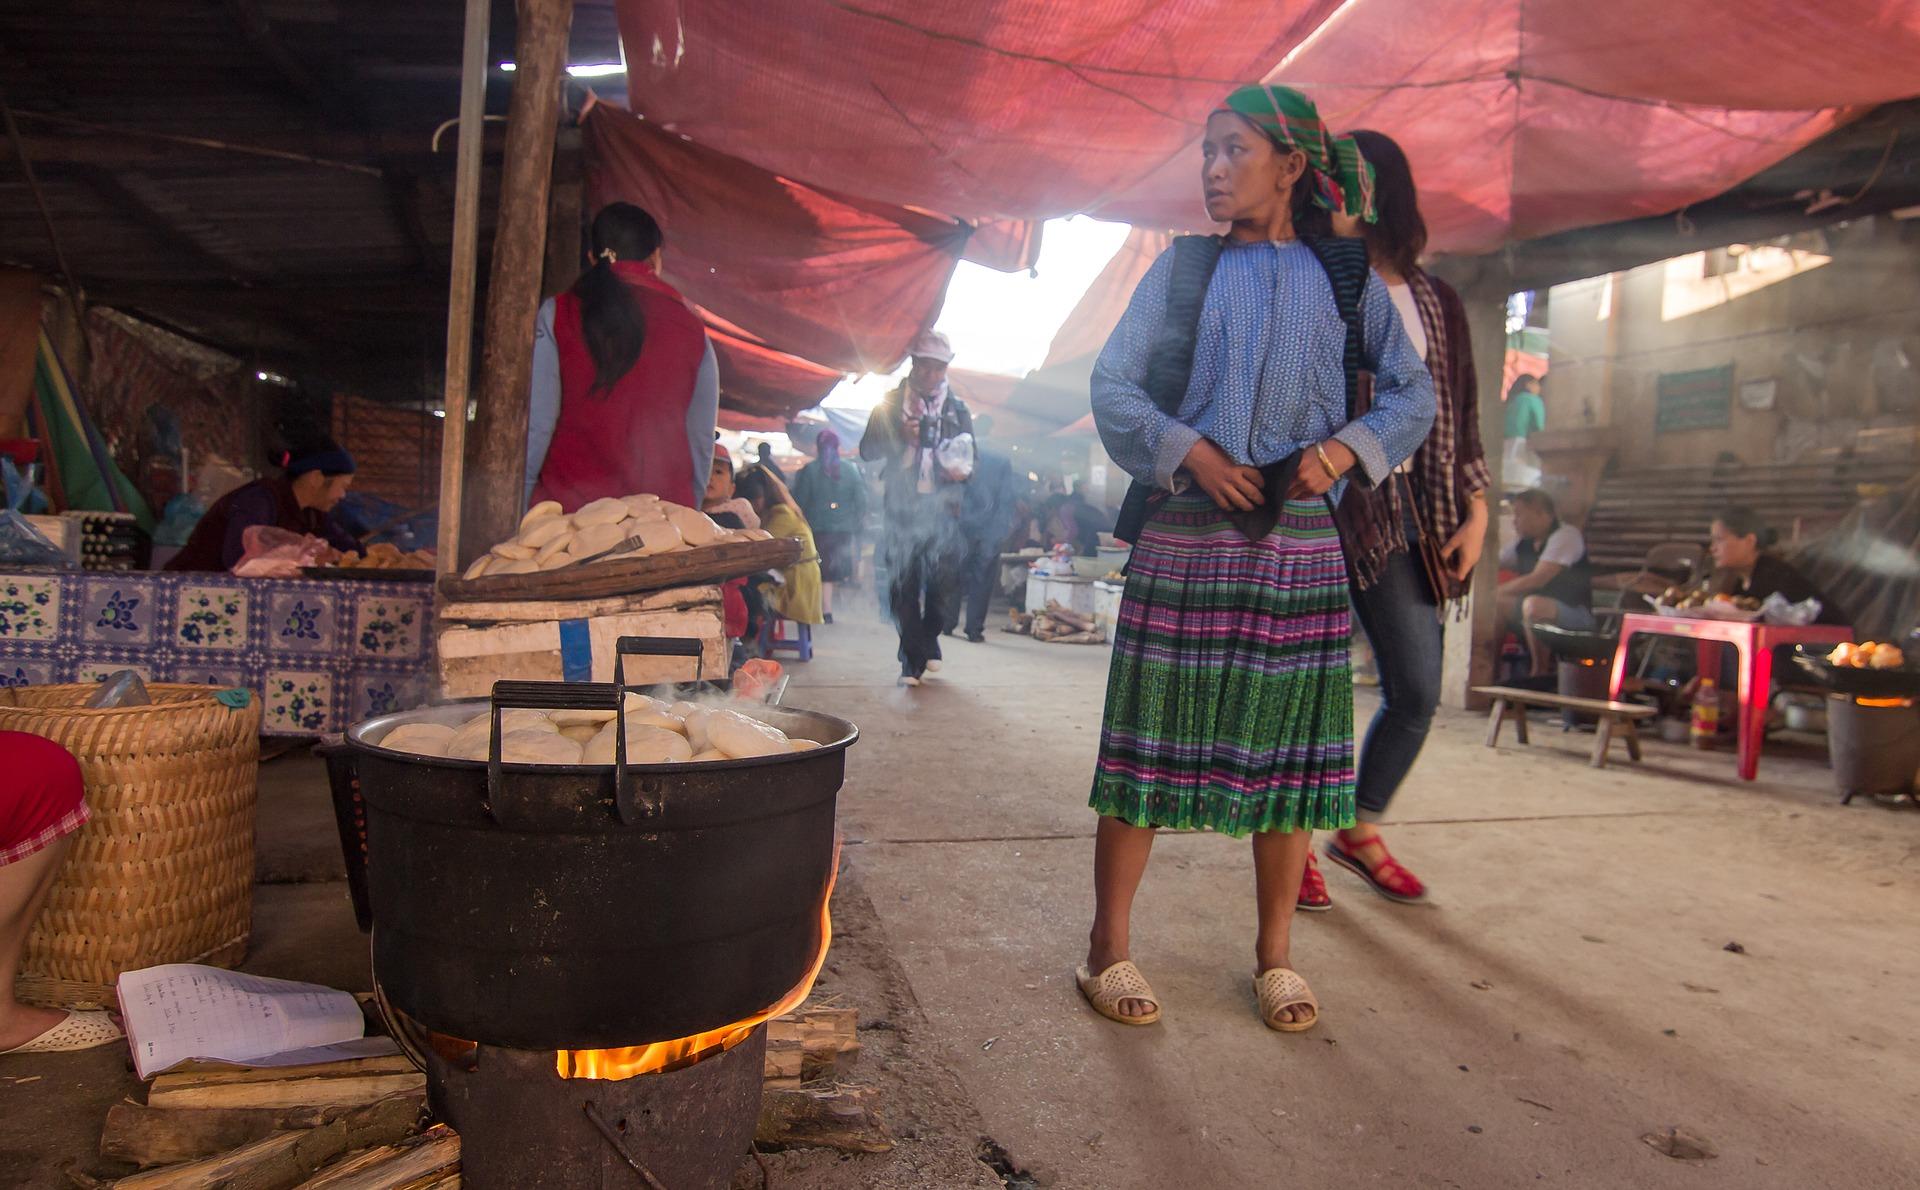 b8da42240d Bazar Bakalarska - kuchnia wietnamska - Pora na pora